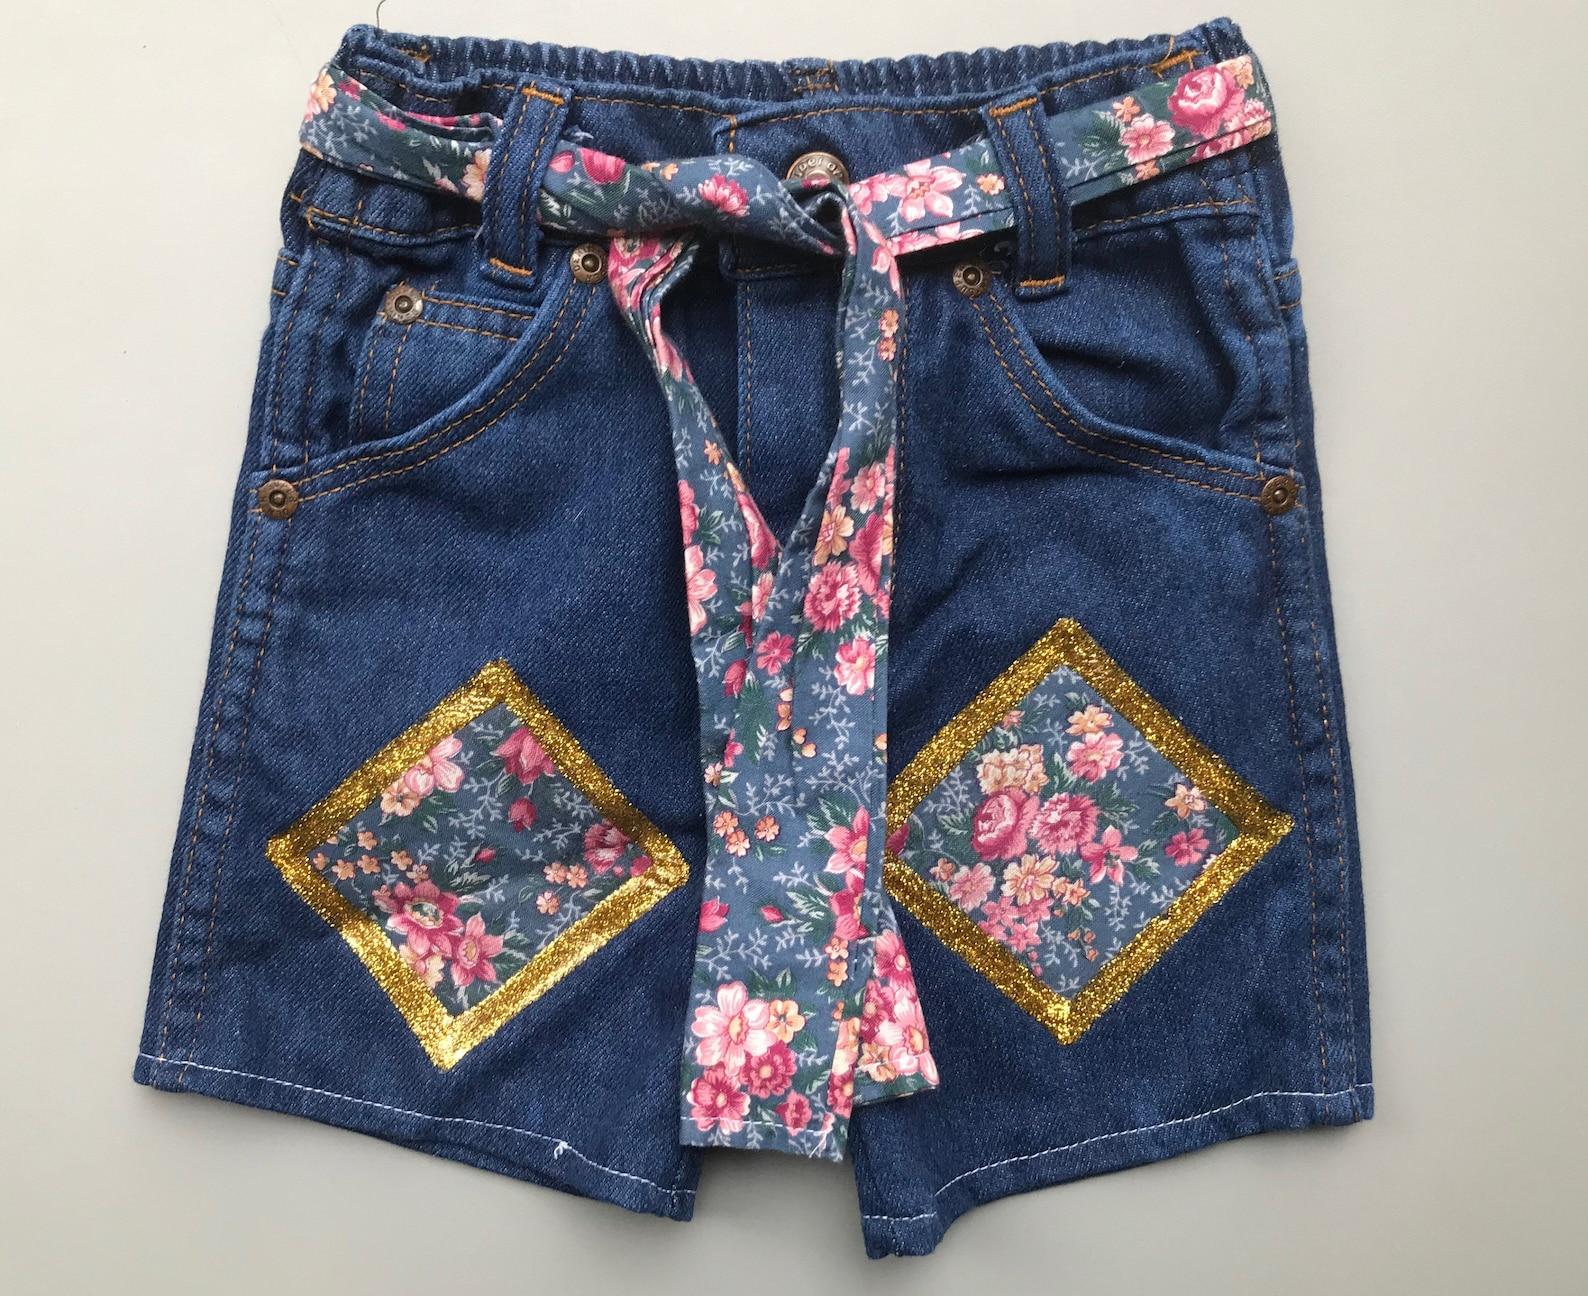 vintage jeans shorts mädchen 34 jahre floral sommer